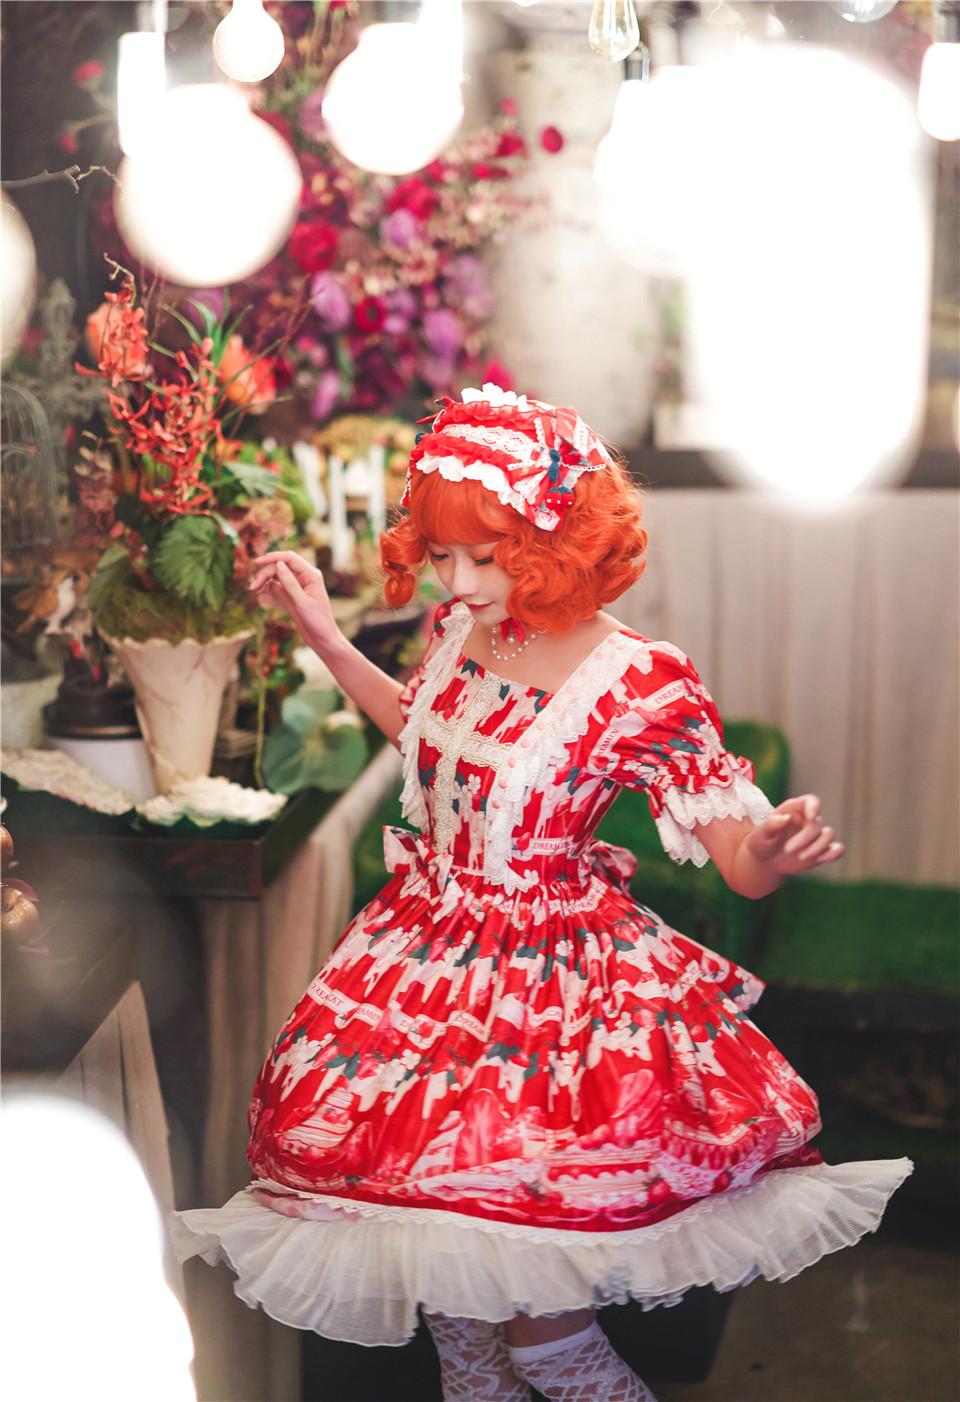 阿包也是兔娘 NO.12 lolita红裙 [350.55 MB]